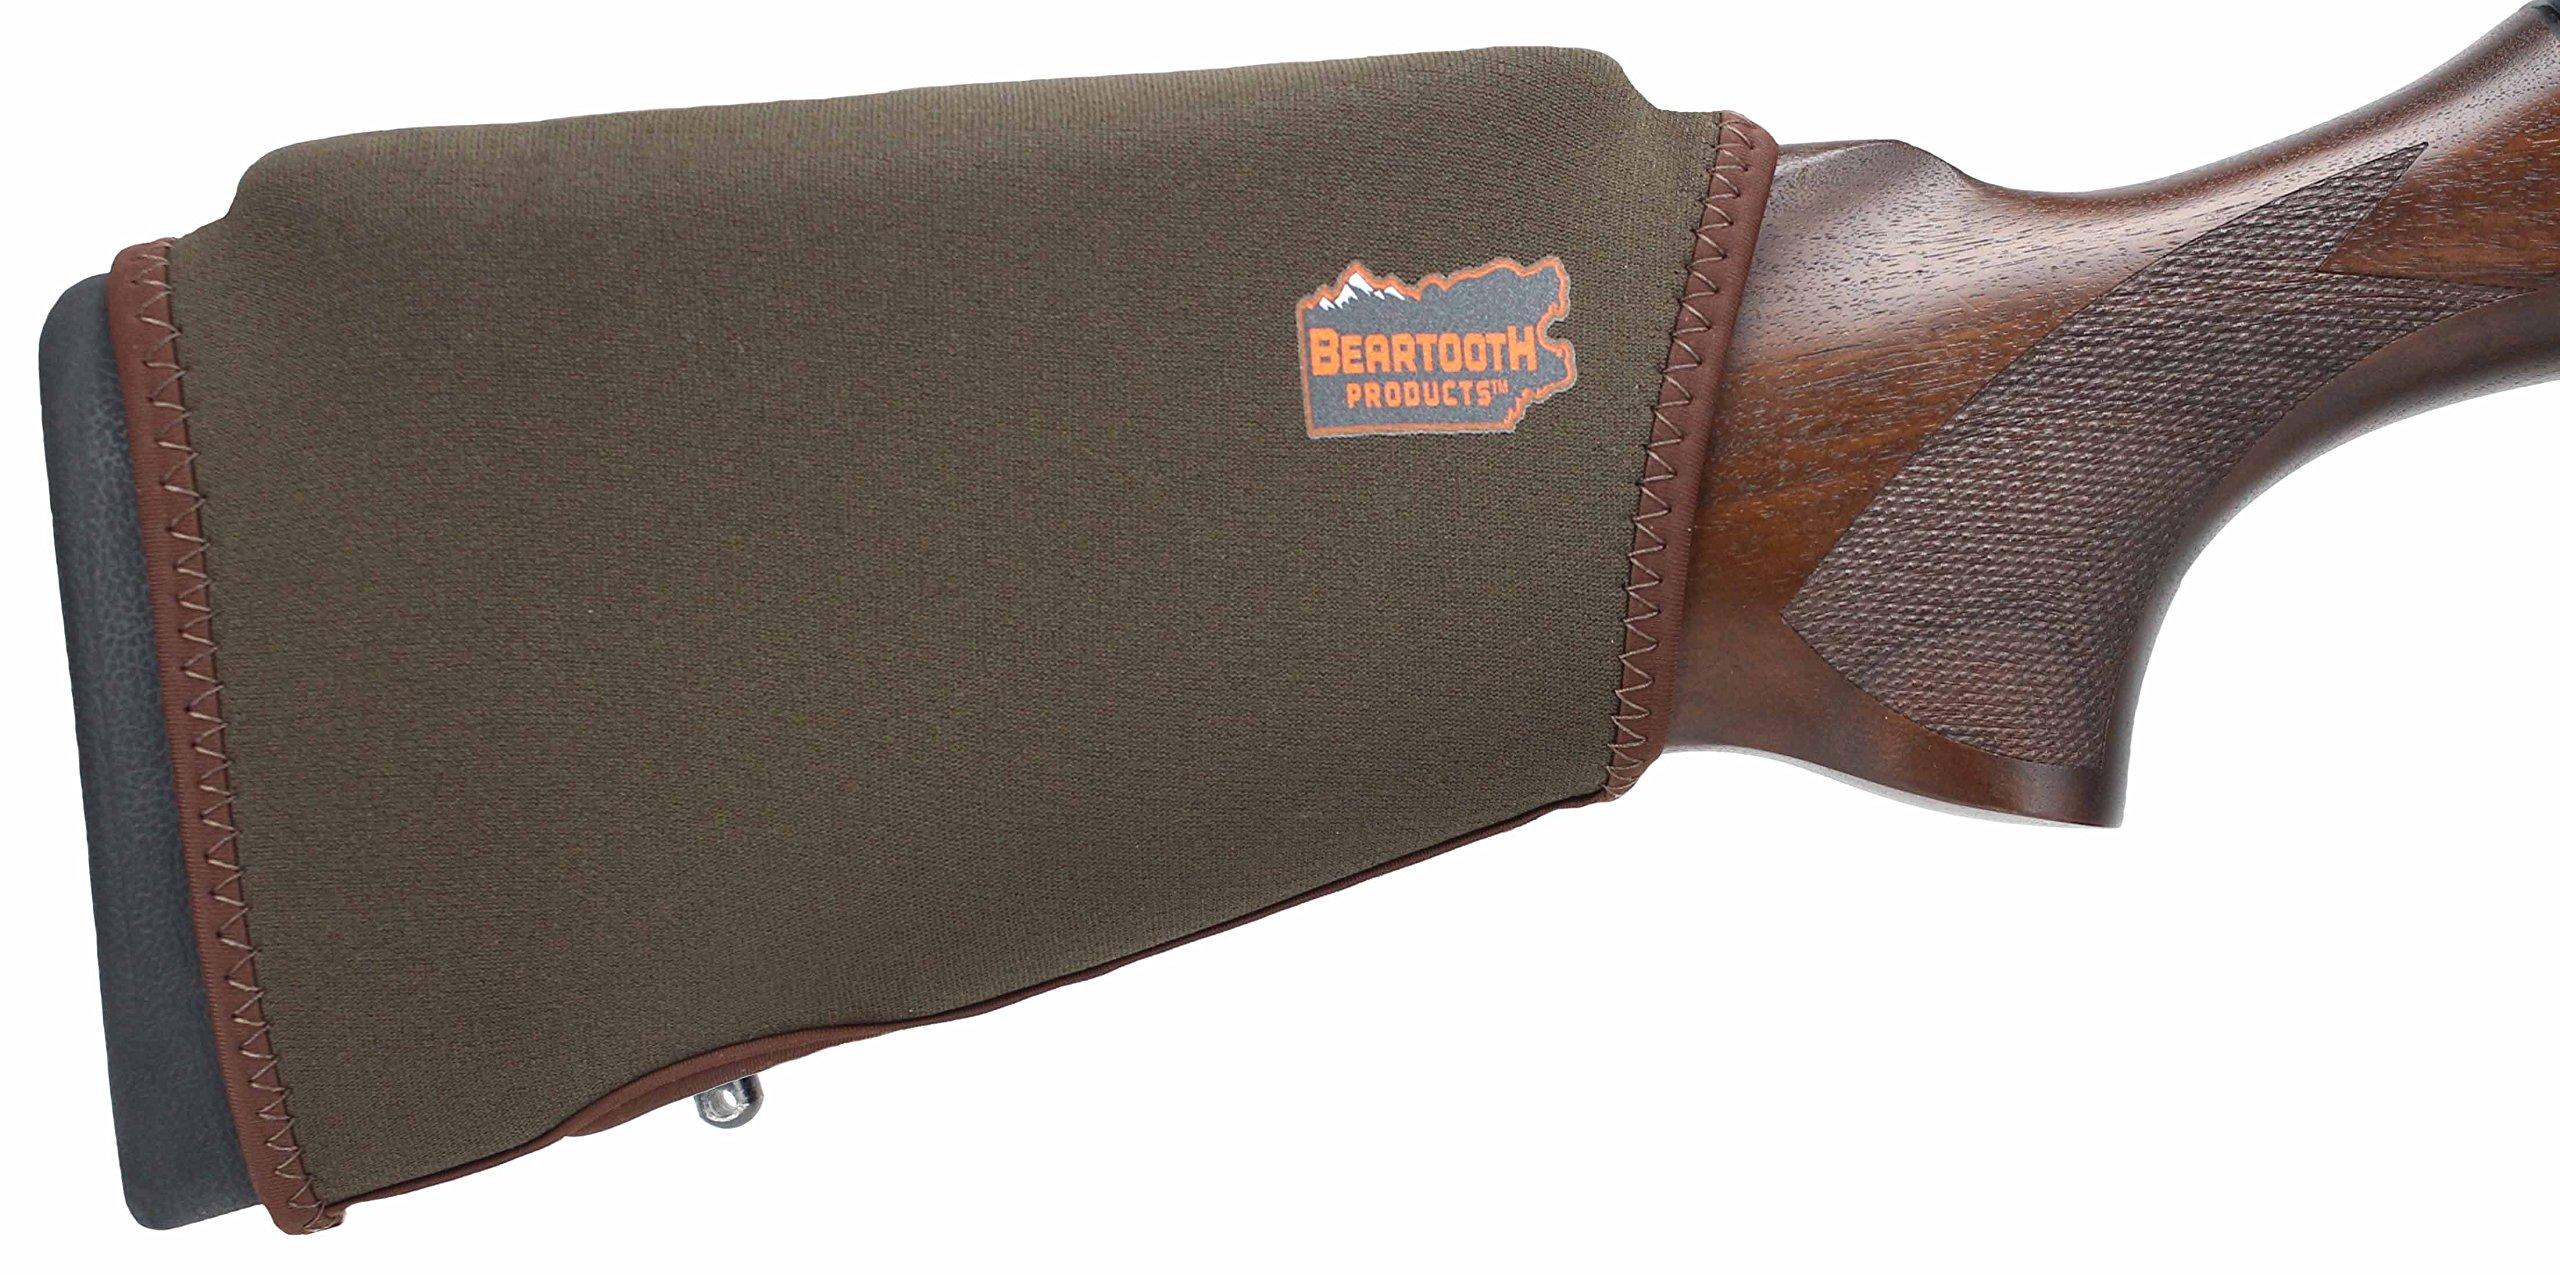 Beartooth Comb Raising Kit 2.0 - Premium Neoprene Gun Stock Cover + (5) Hi-density Foam Inserts - NO LOOPS MODEL (Brown)